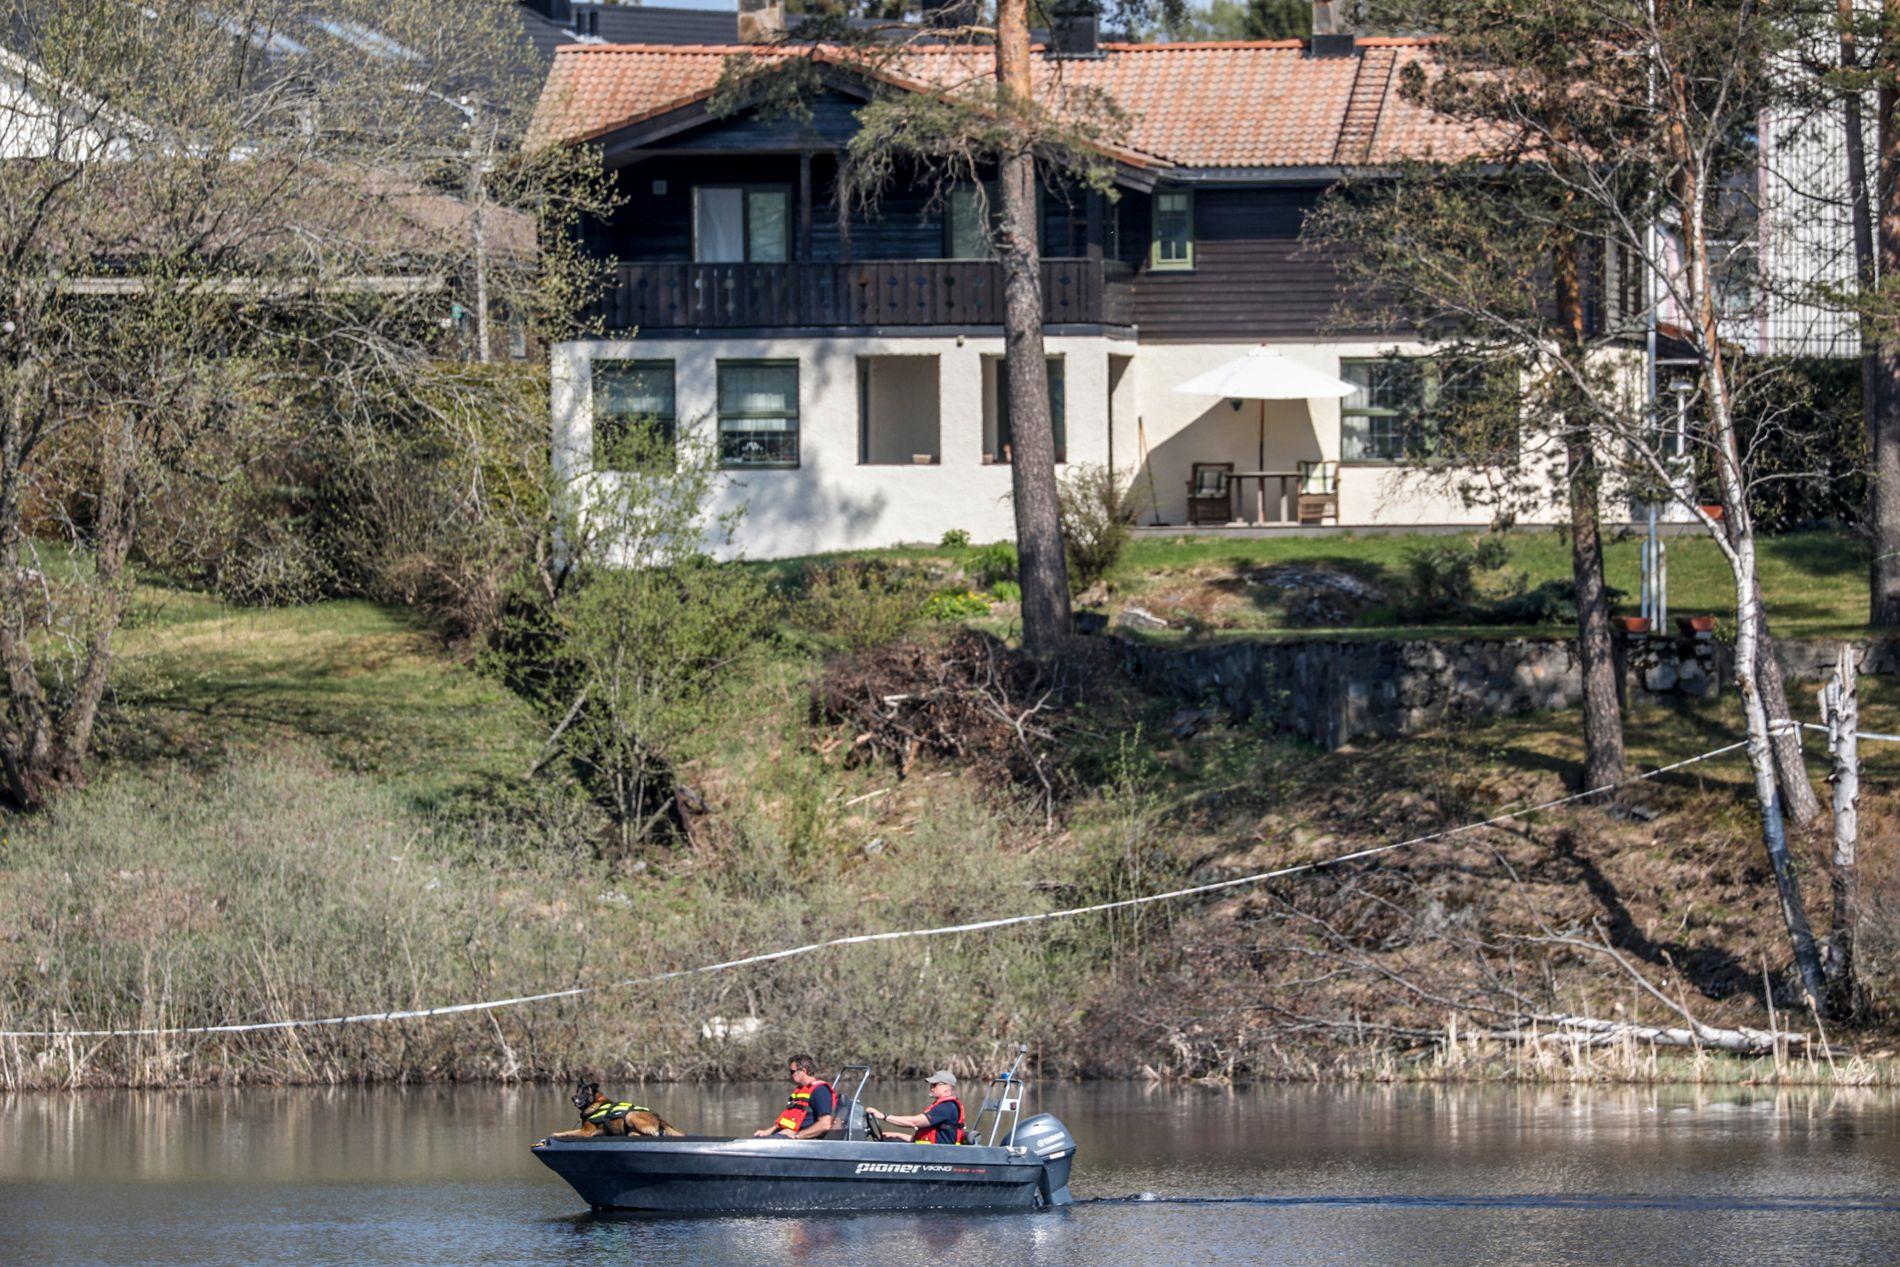 BLE FUNNET HER: Trusselbrevet ble funnet i ekteparet Hagens bolig i Sloraveien på Lørenskog samme dag som Anne-Elisabeth forsvant.